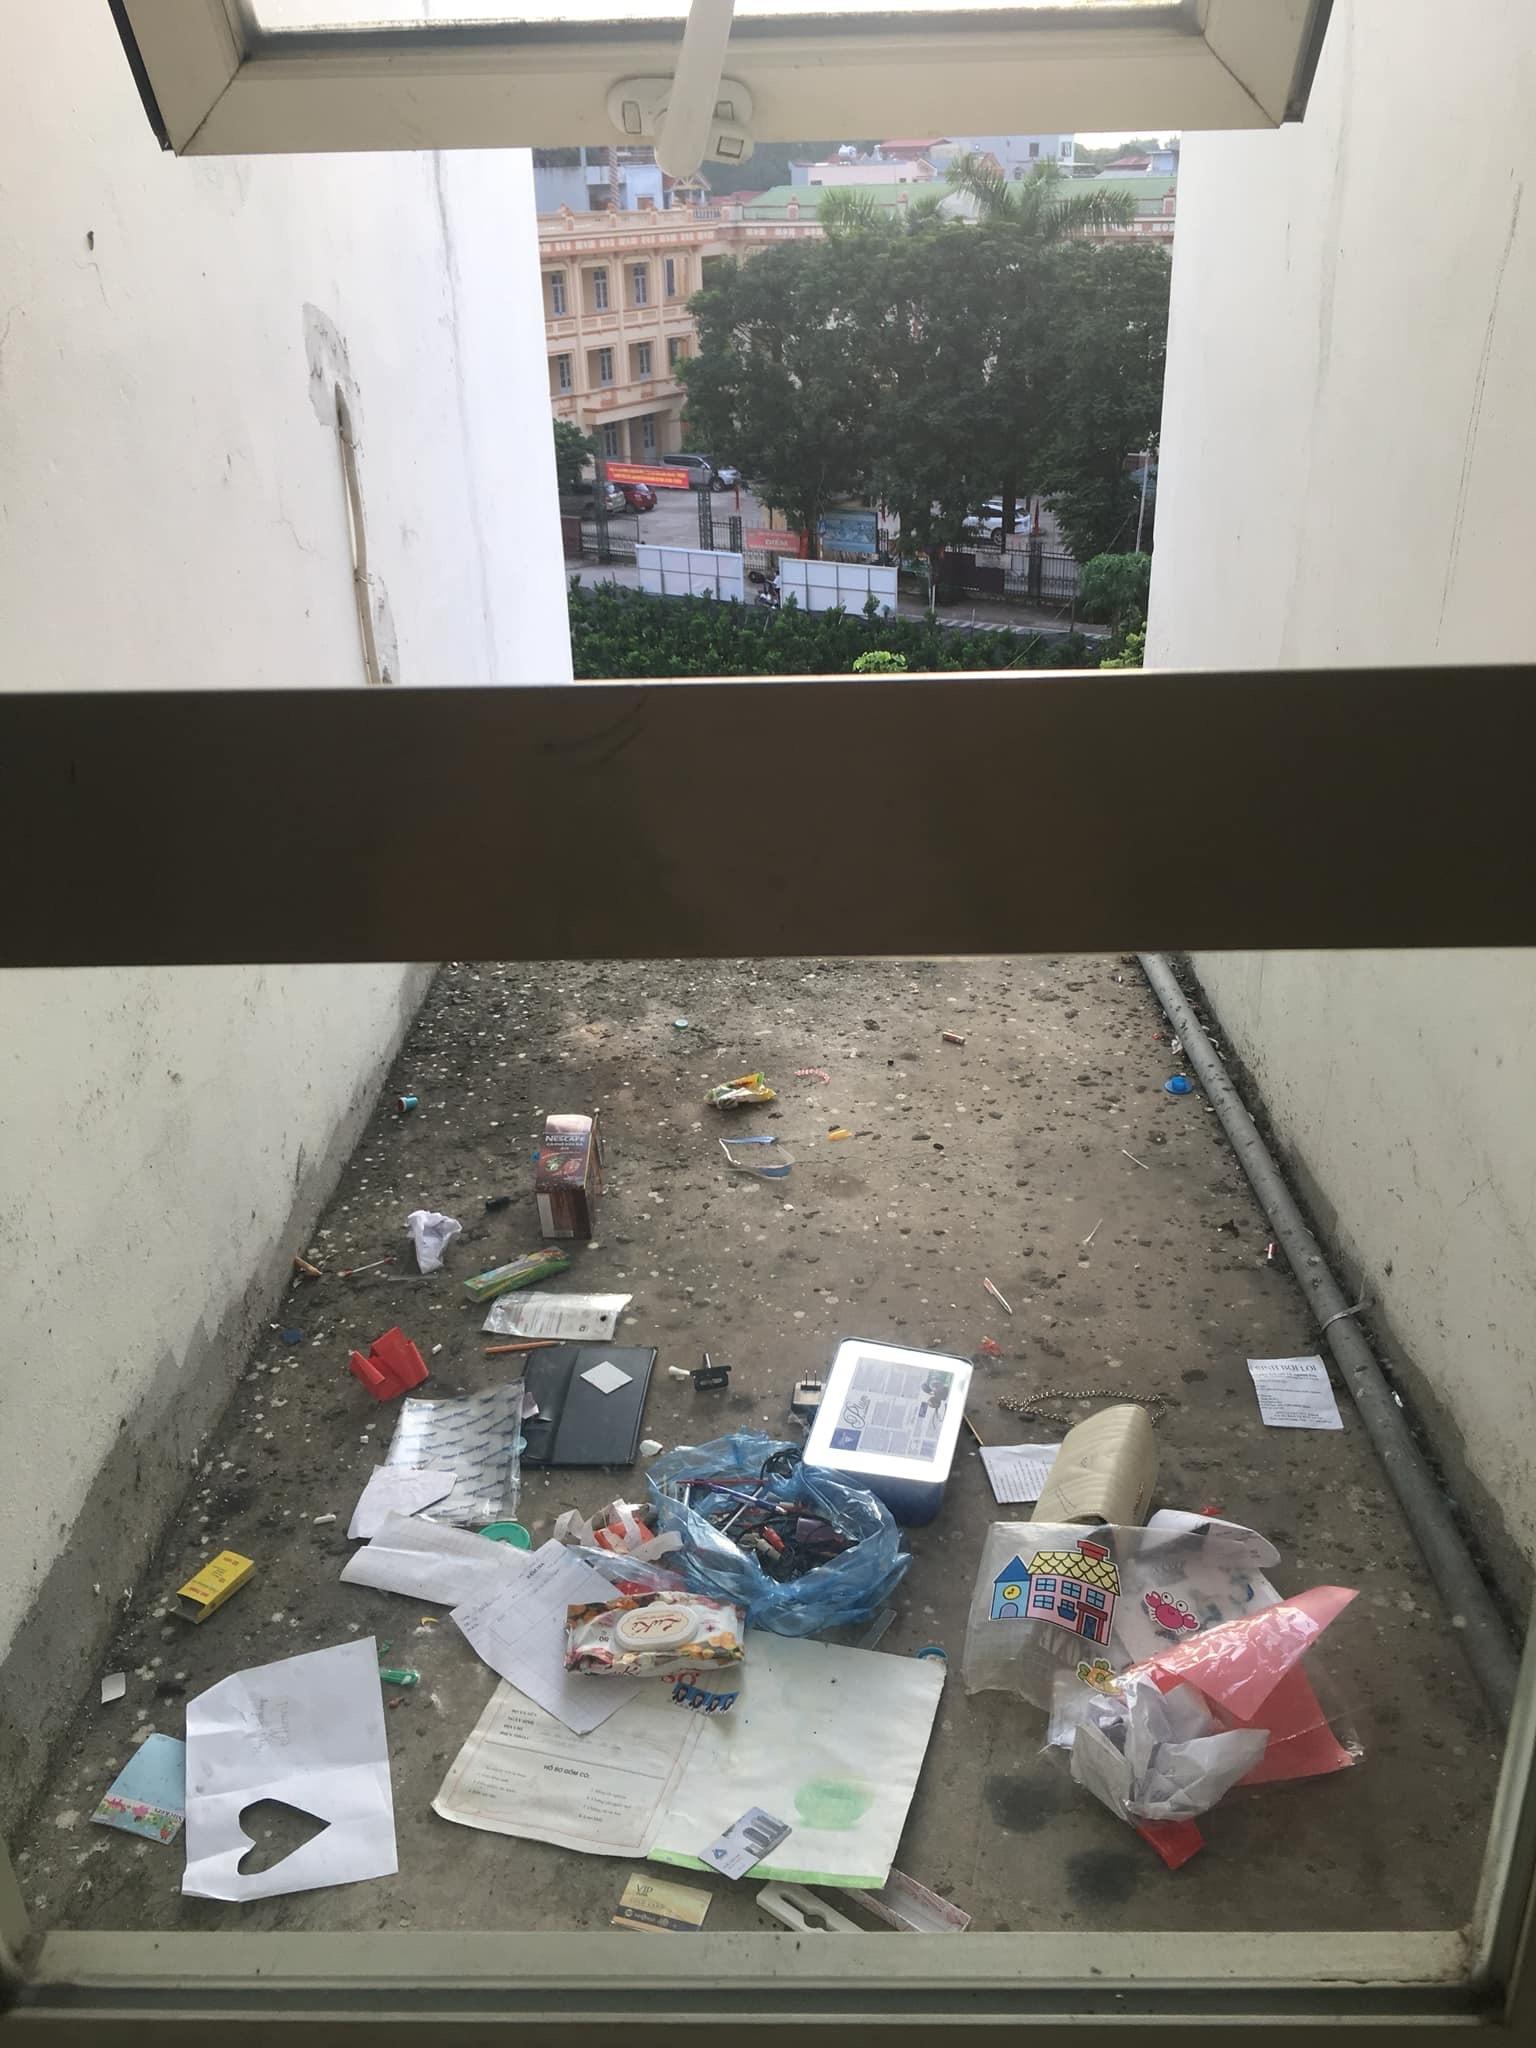 Dân chung cư than khổ vì rác thải giữa lưng chừng trời